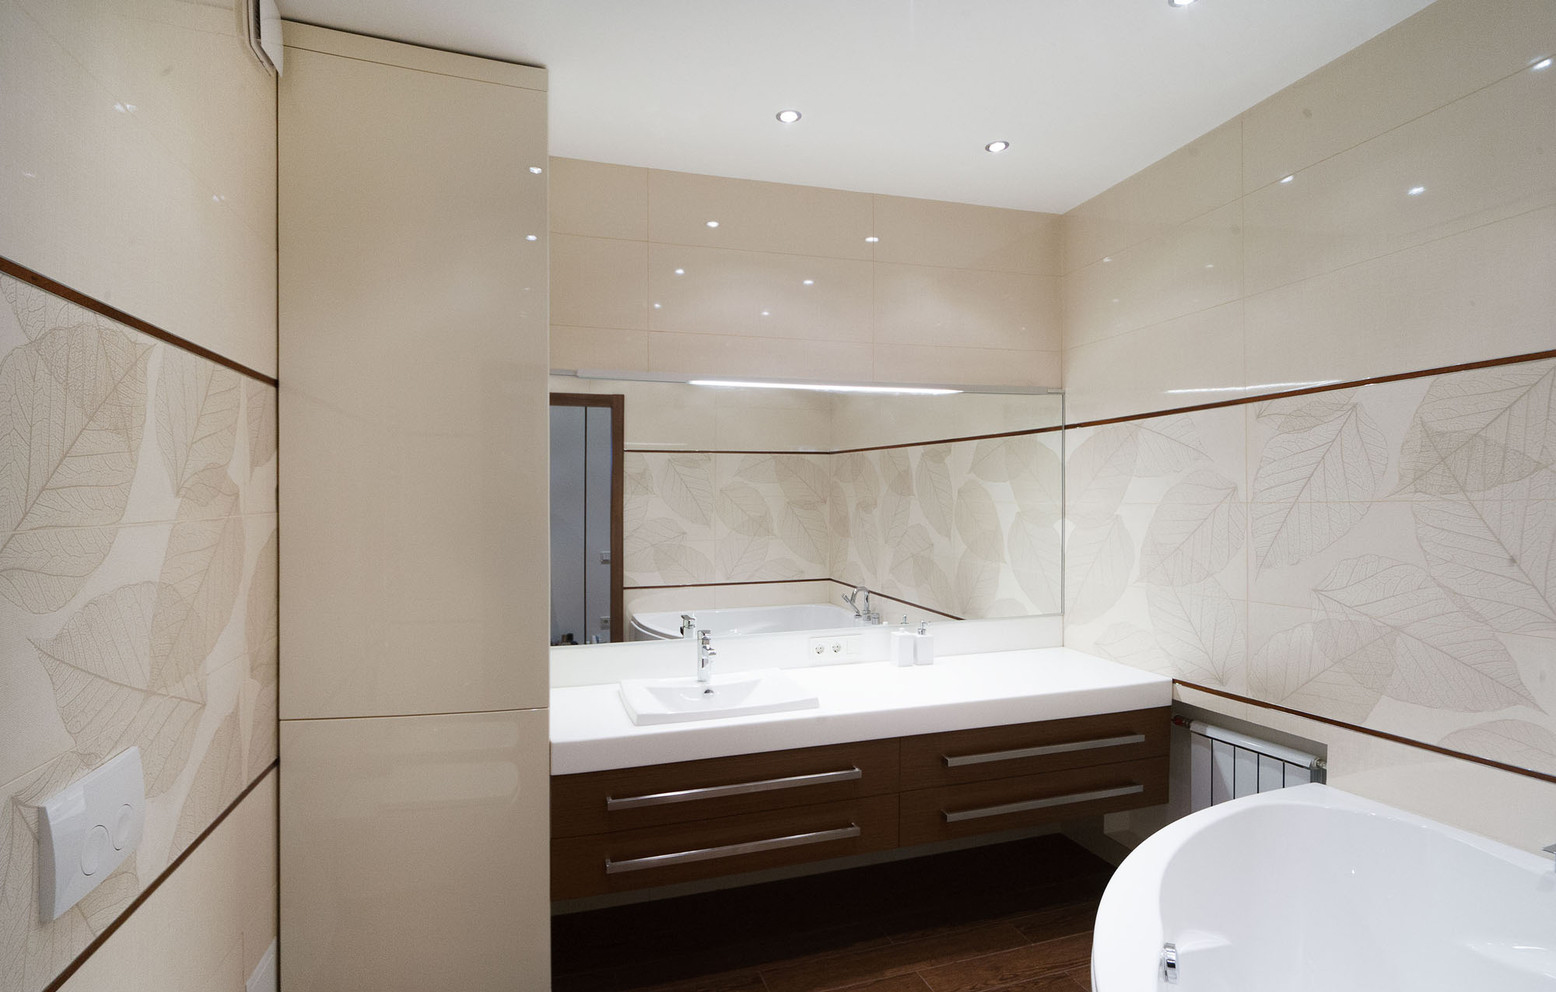 Коричневая мебель и пол в ванной